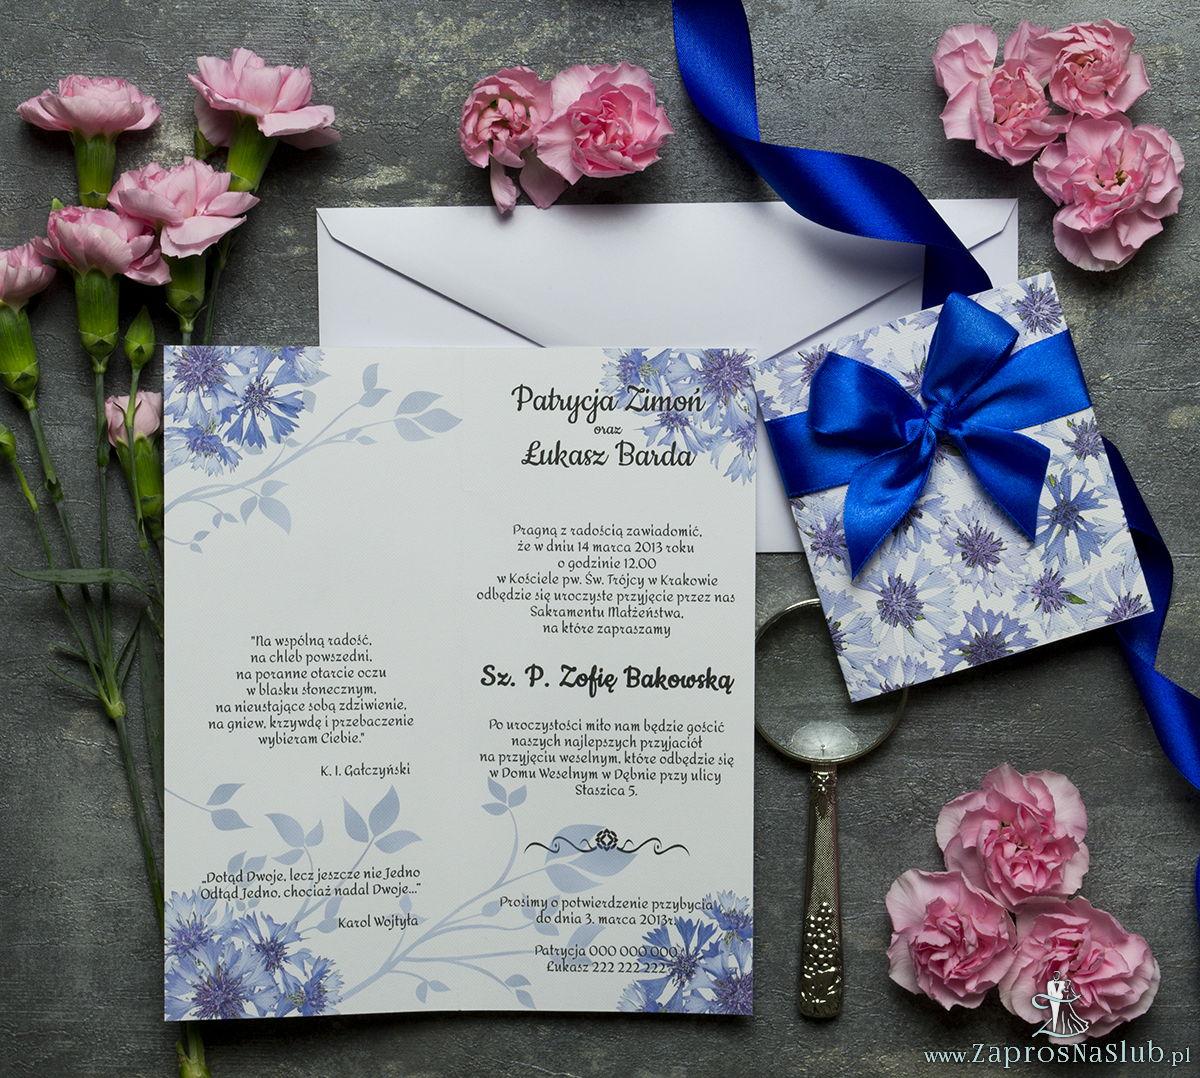 Niebanalne kwiatowe zaproszenia ślubne. Kwiaty - chabry, bławatki, ciemnoniebieska wstążka i wnętrze wkładane w okładkę. ZAP-90-08